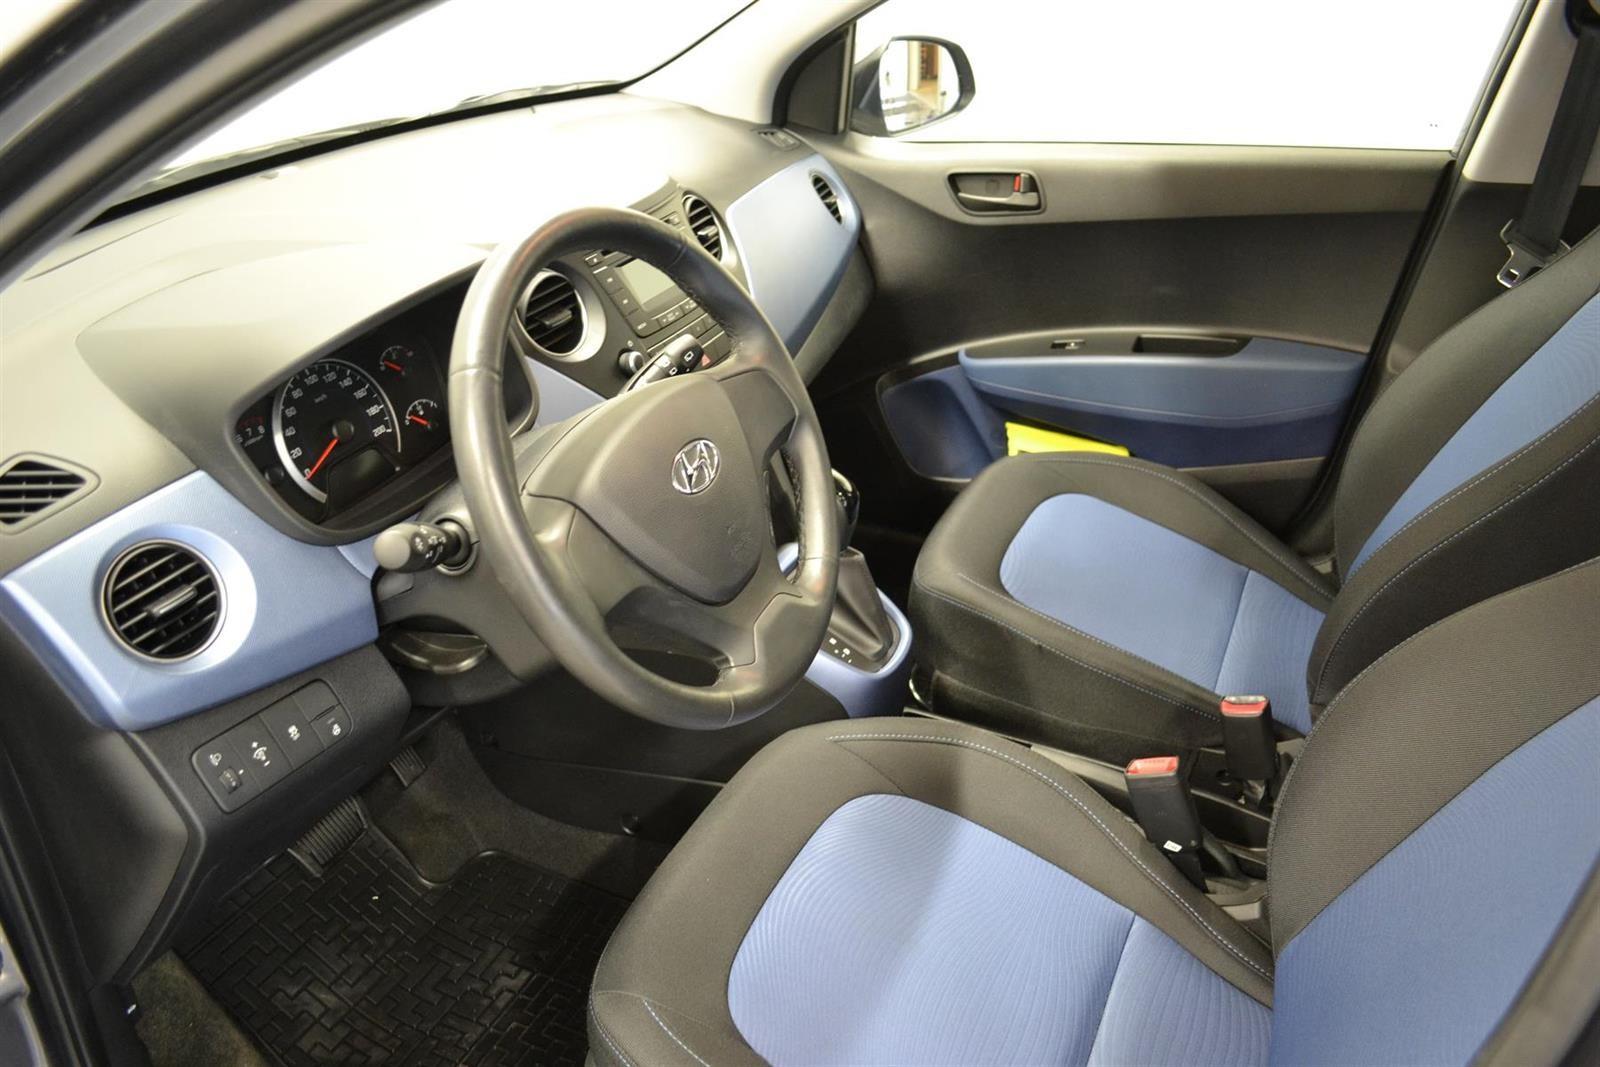 Hyundai i10 Slide 7